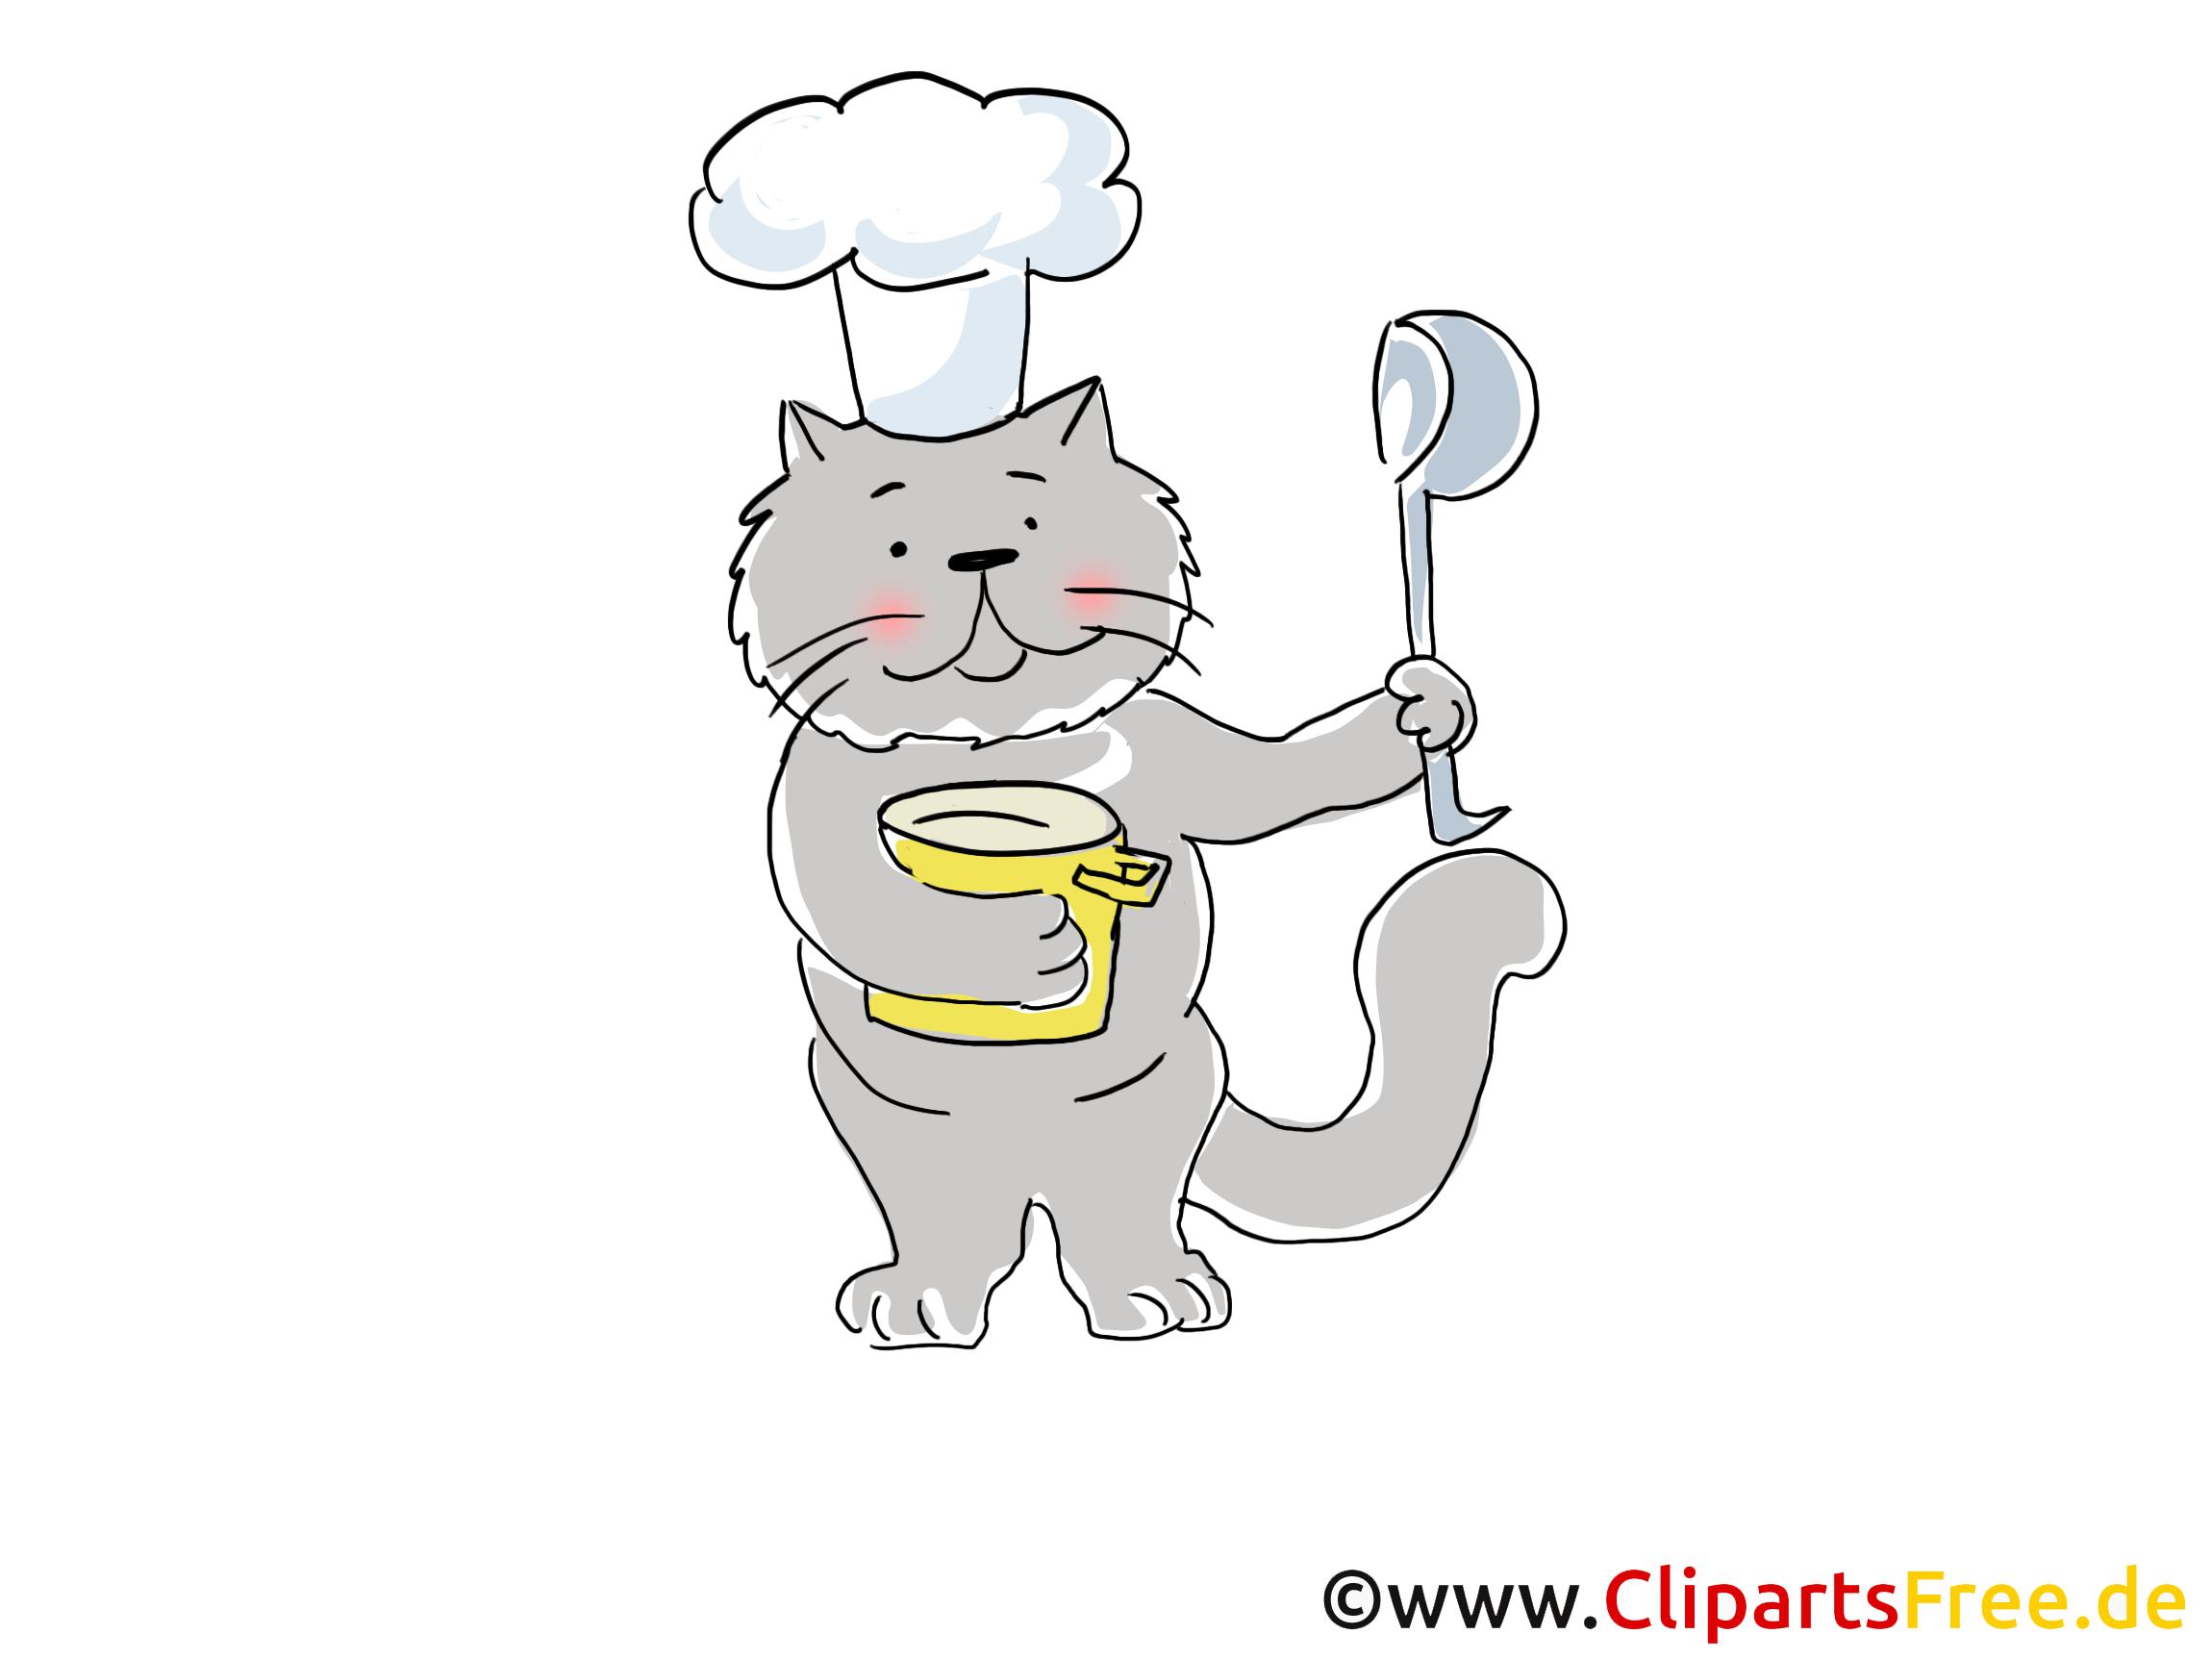 Kater mit Löffel und Kochmütze Cartoon, Clipart, Bild, Illustration